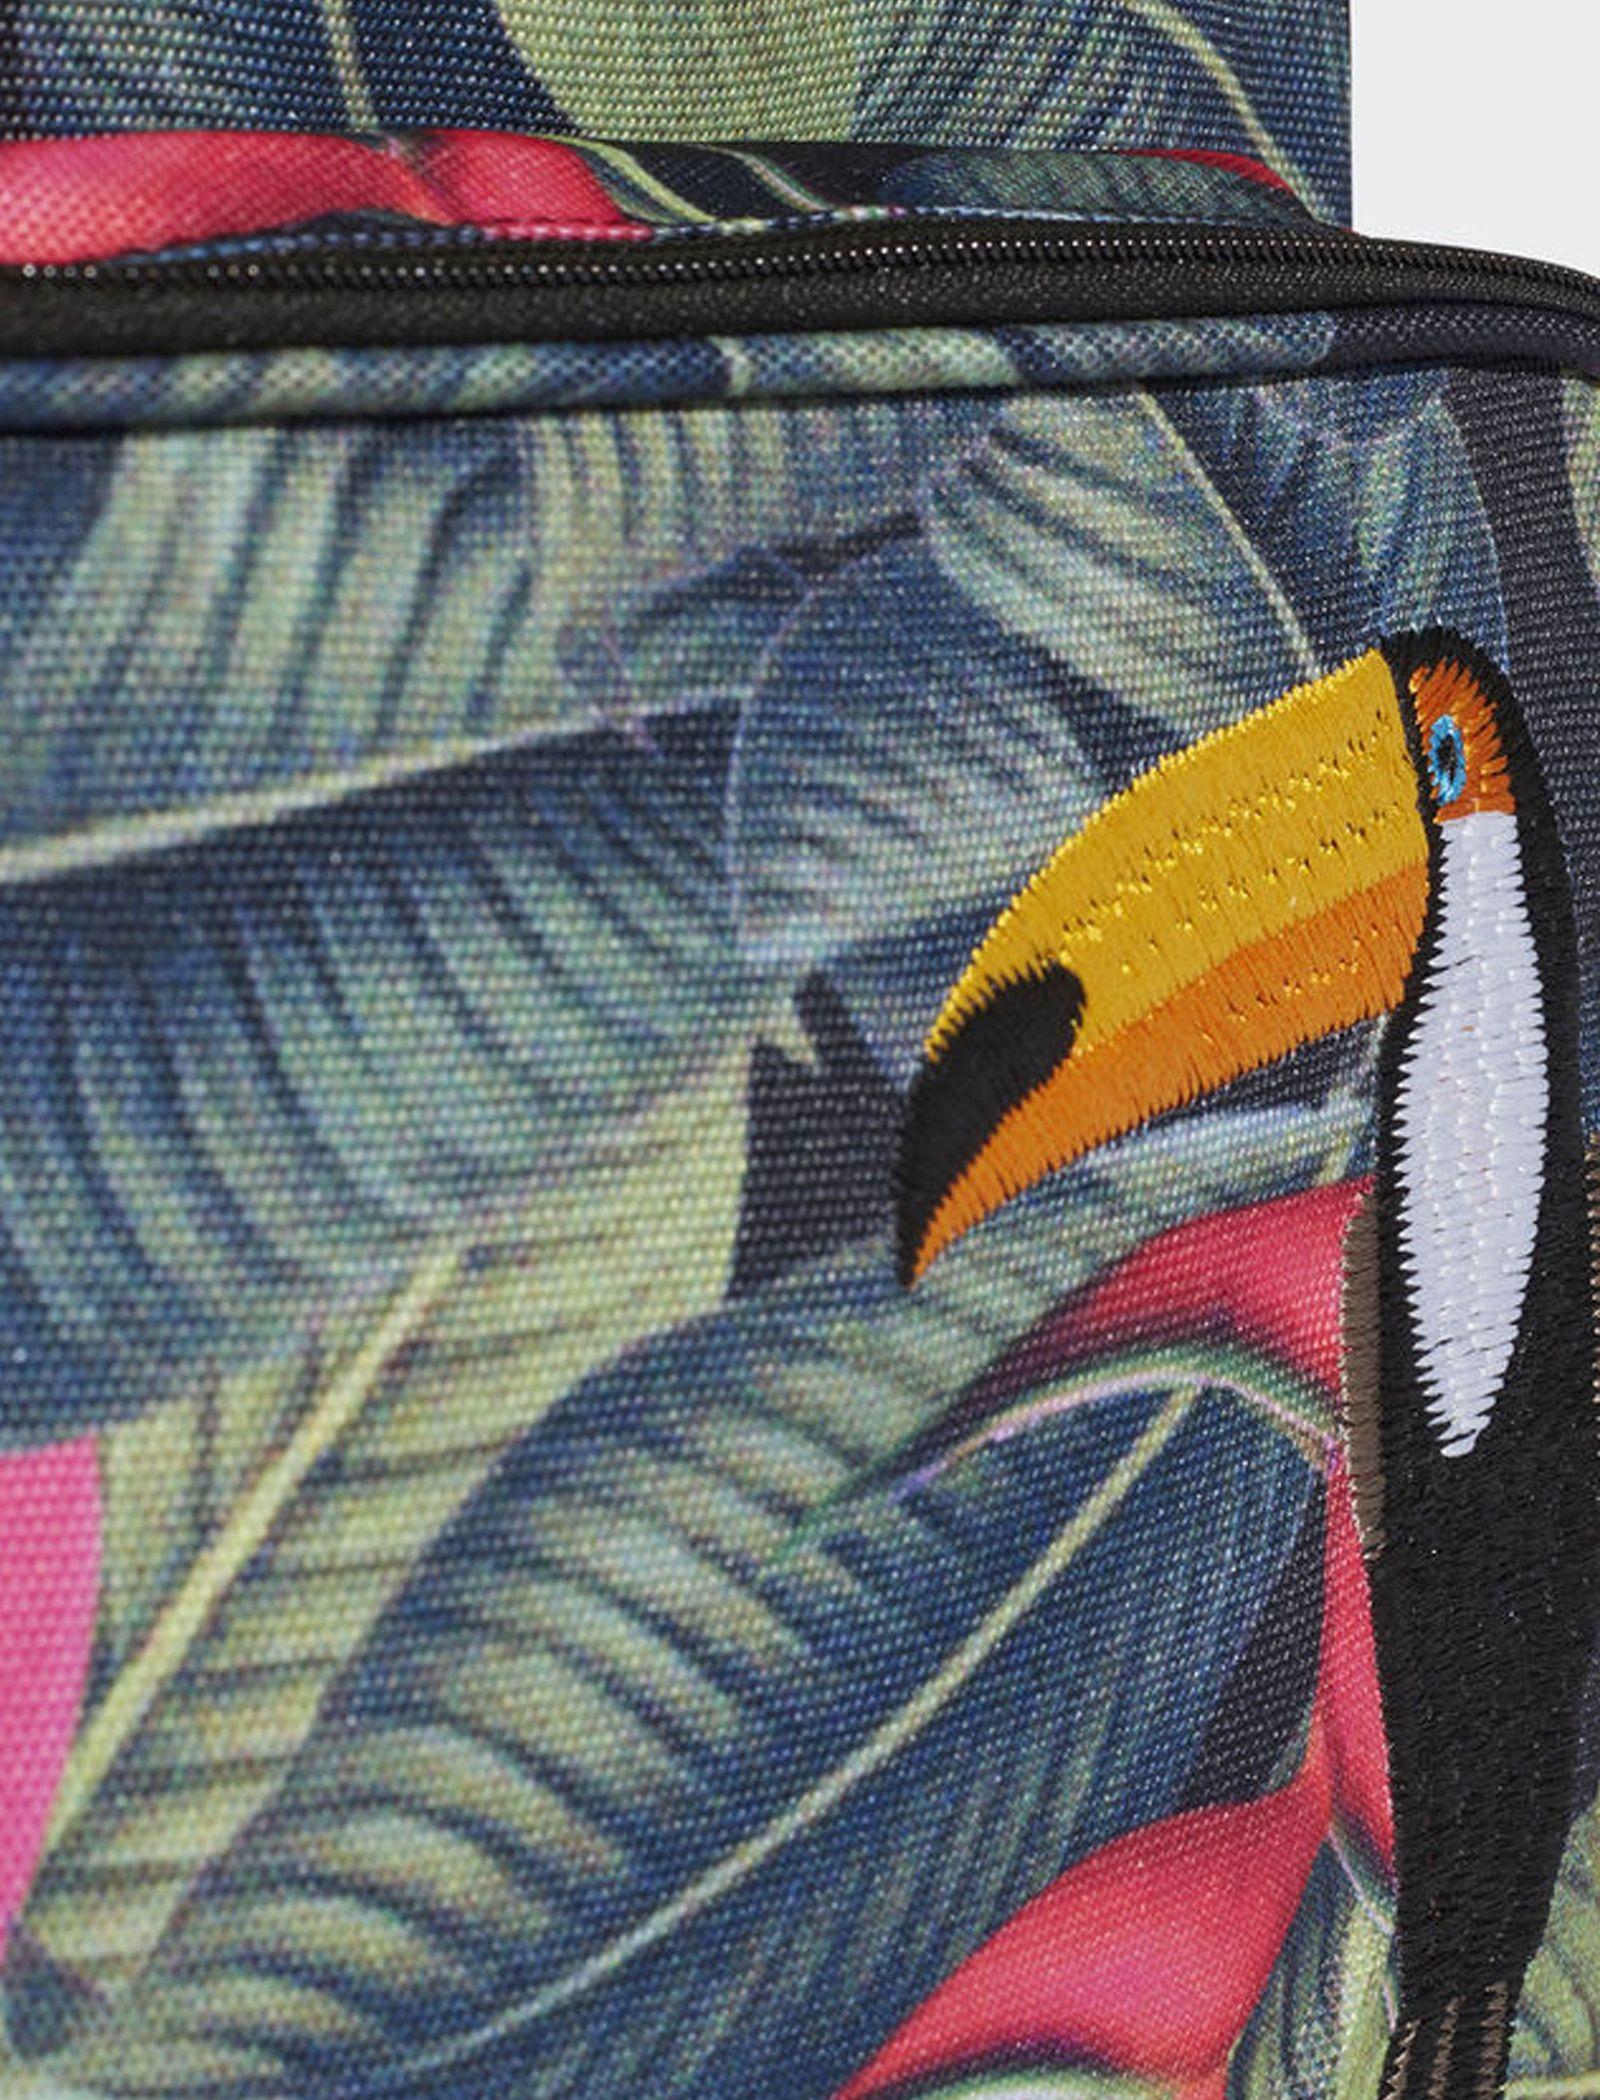 کوله پشتی روزمره زنانه Classic - آدیداس تک سایز - چند رنگ - 6